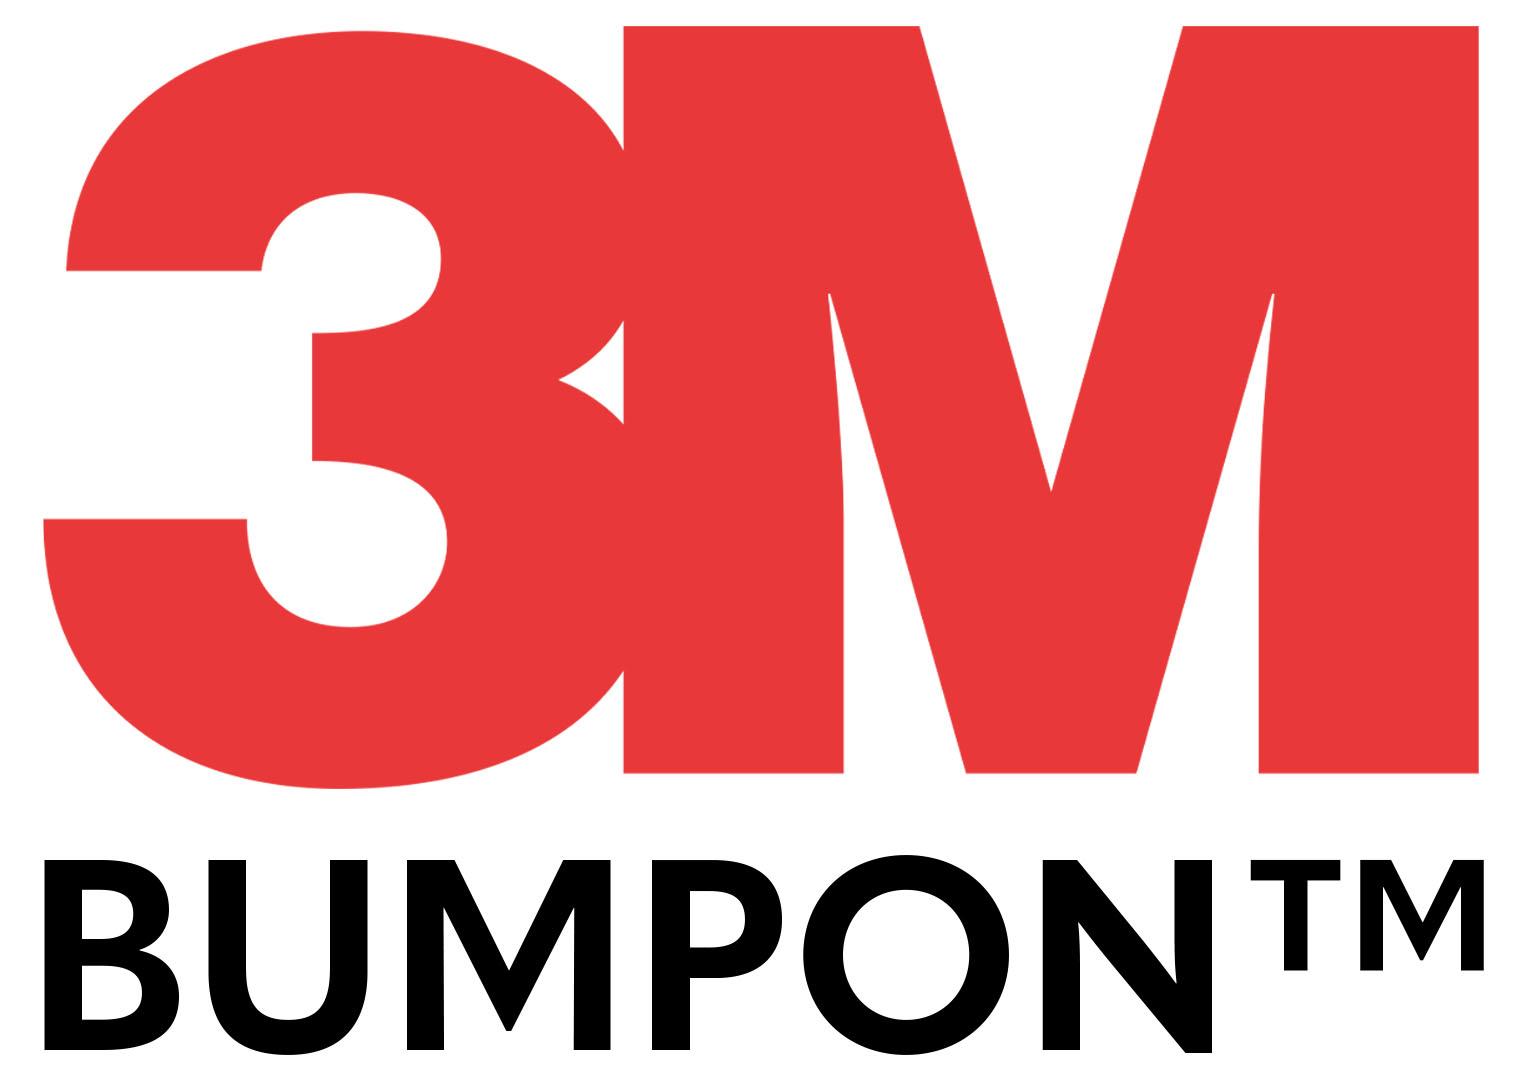 Bumpon™